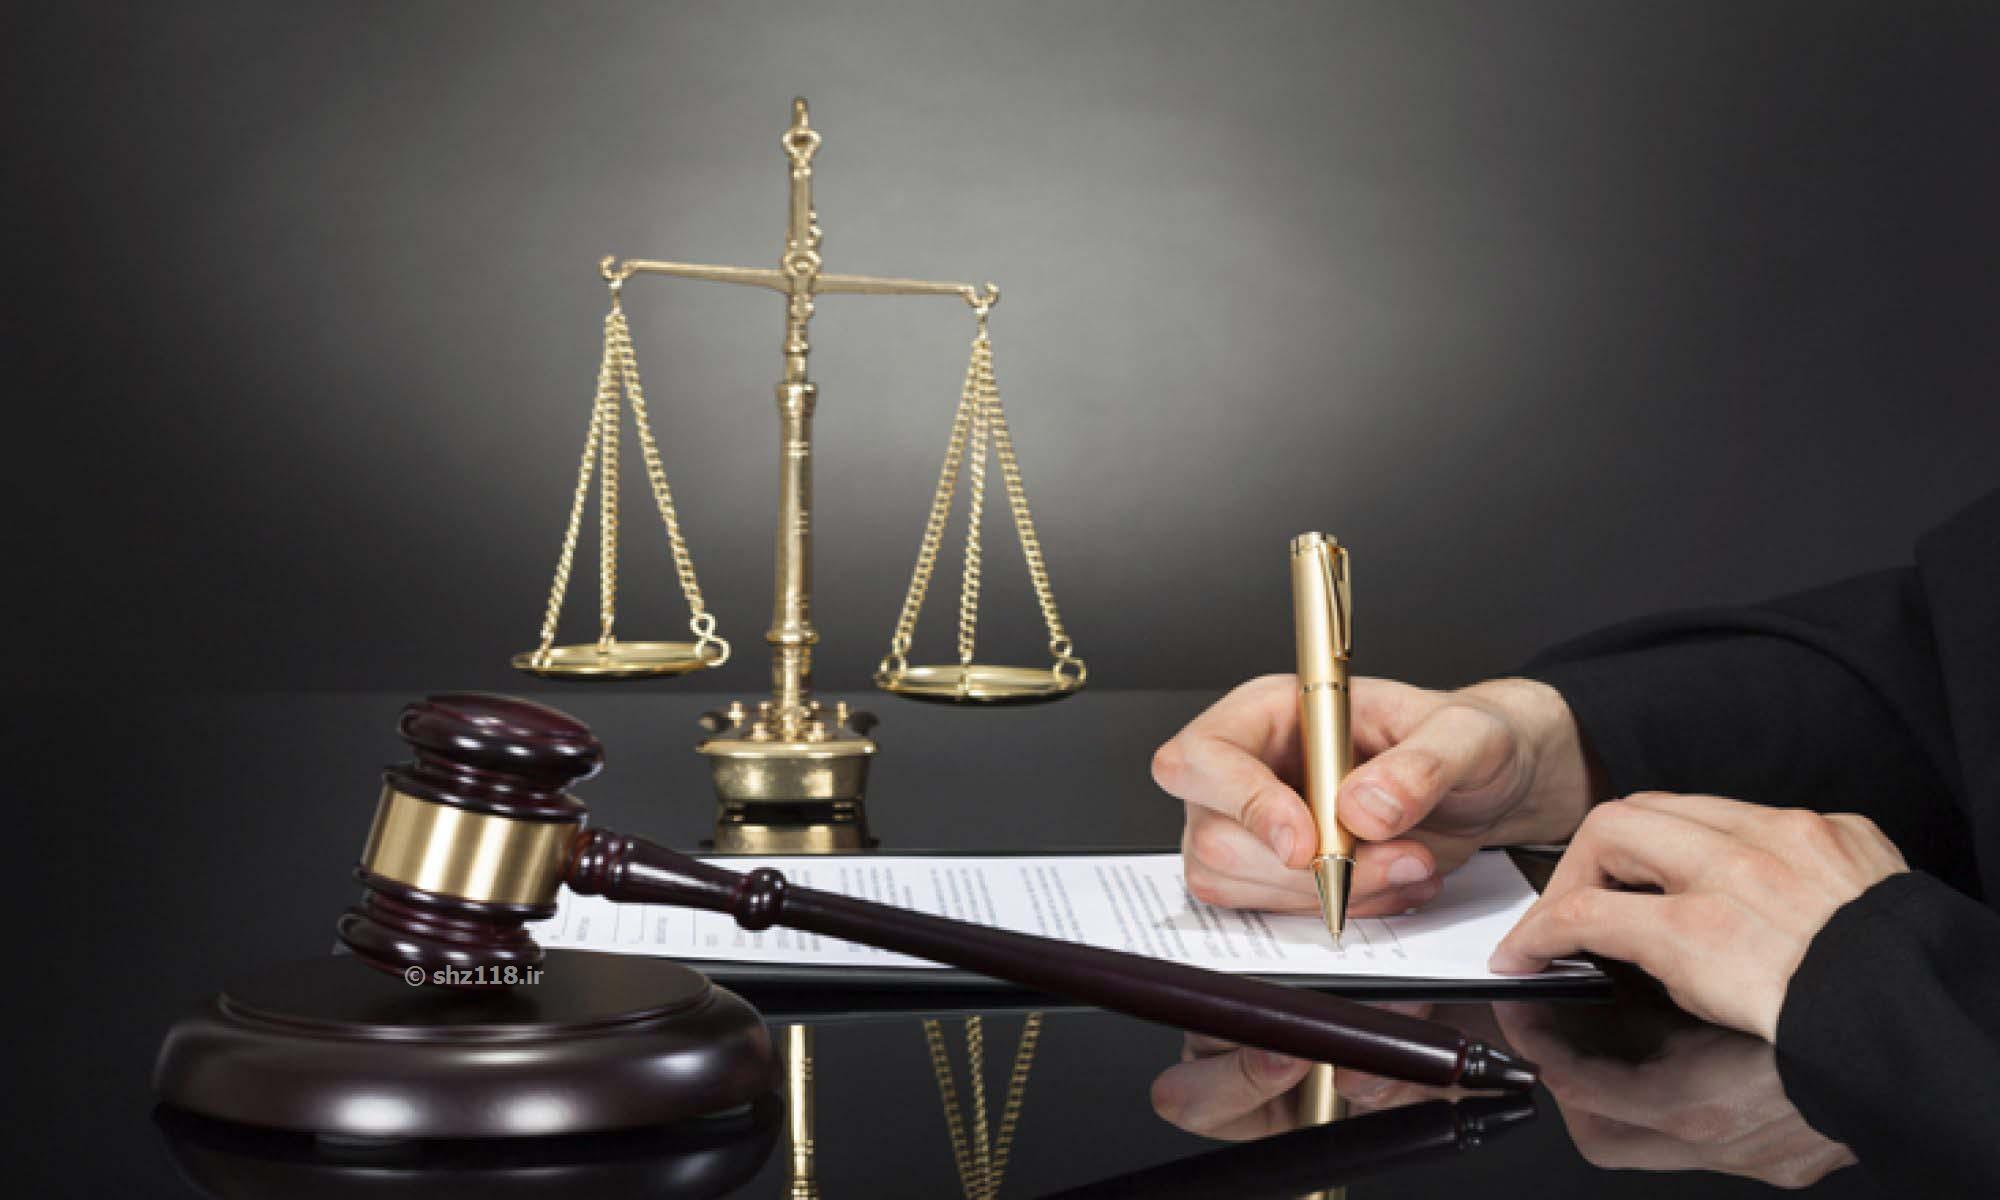 قانون در لایحه دفاعیه درخصوص تخلفات اداری